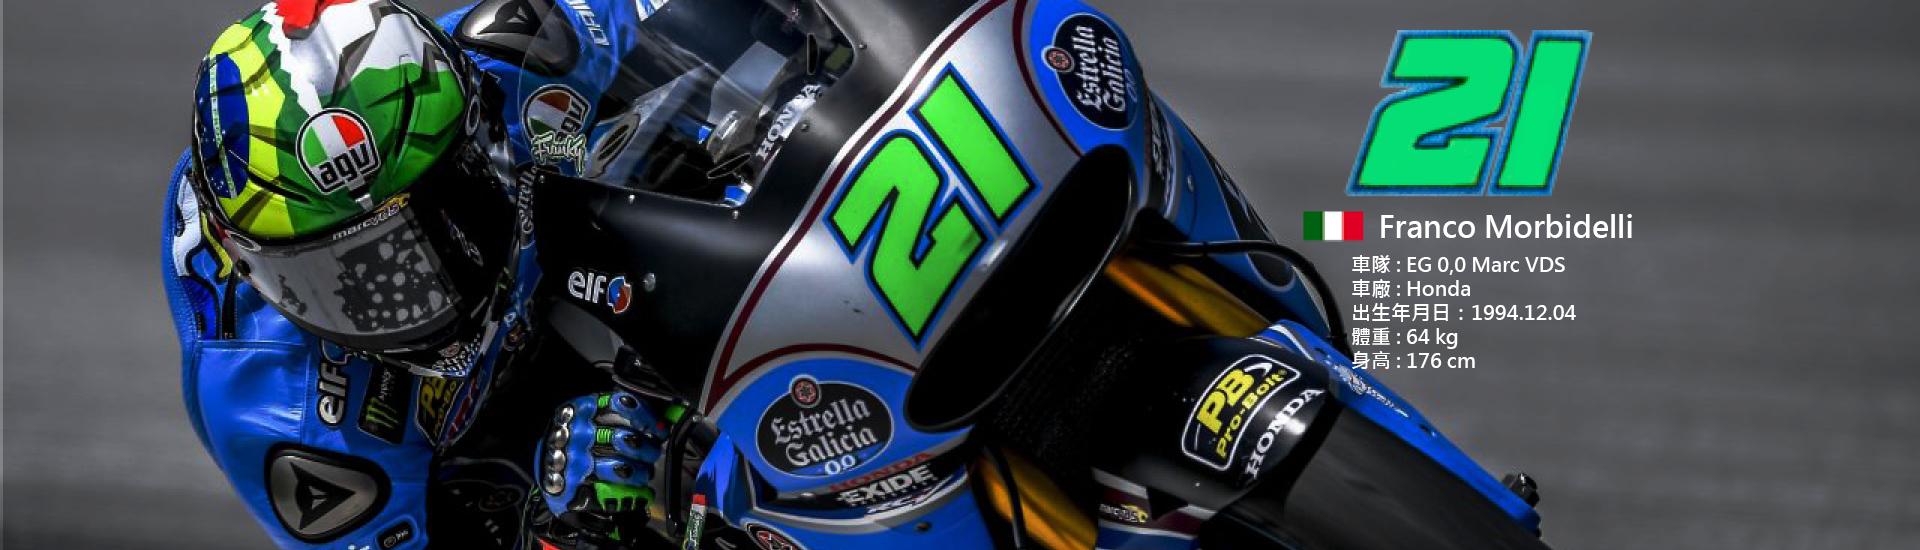 2018 MotoGP 【21】Franco Morbidelli